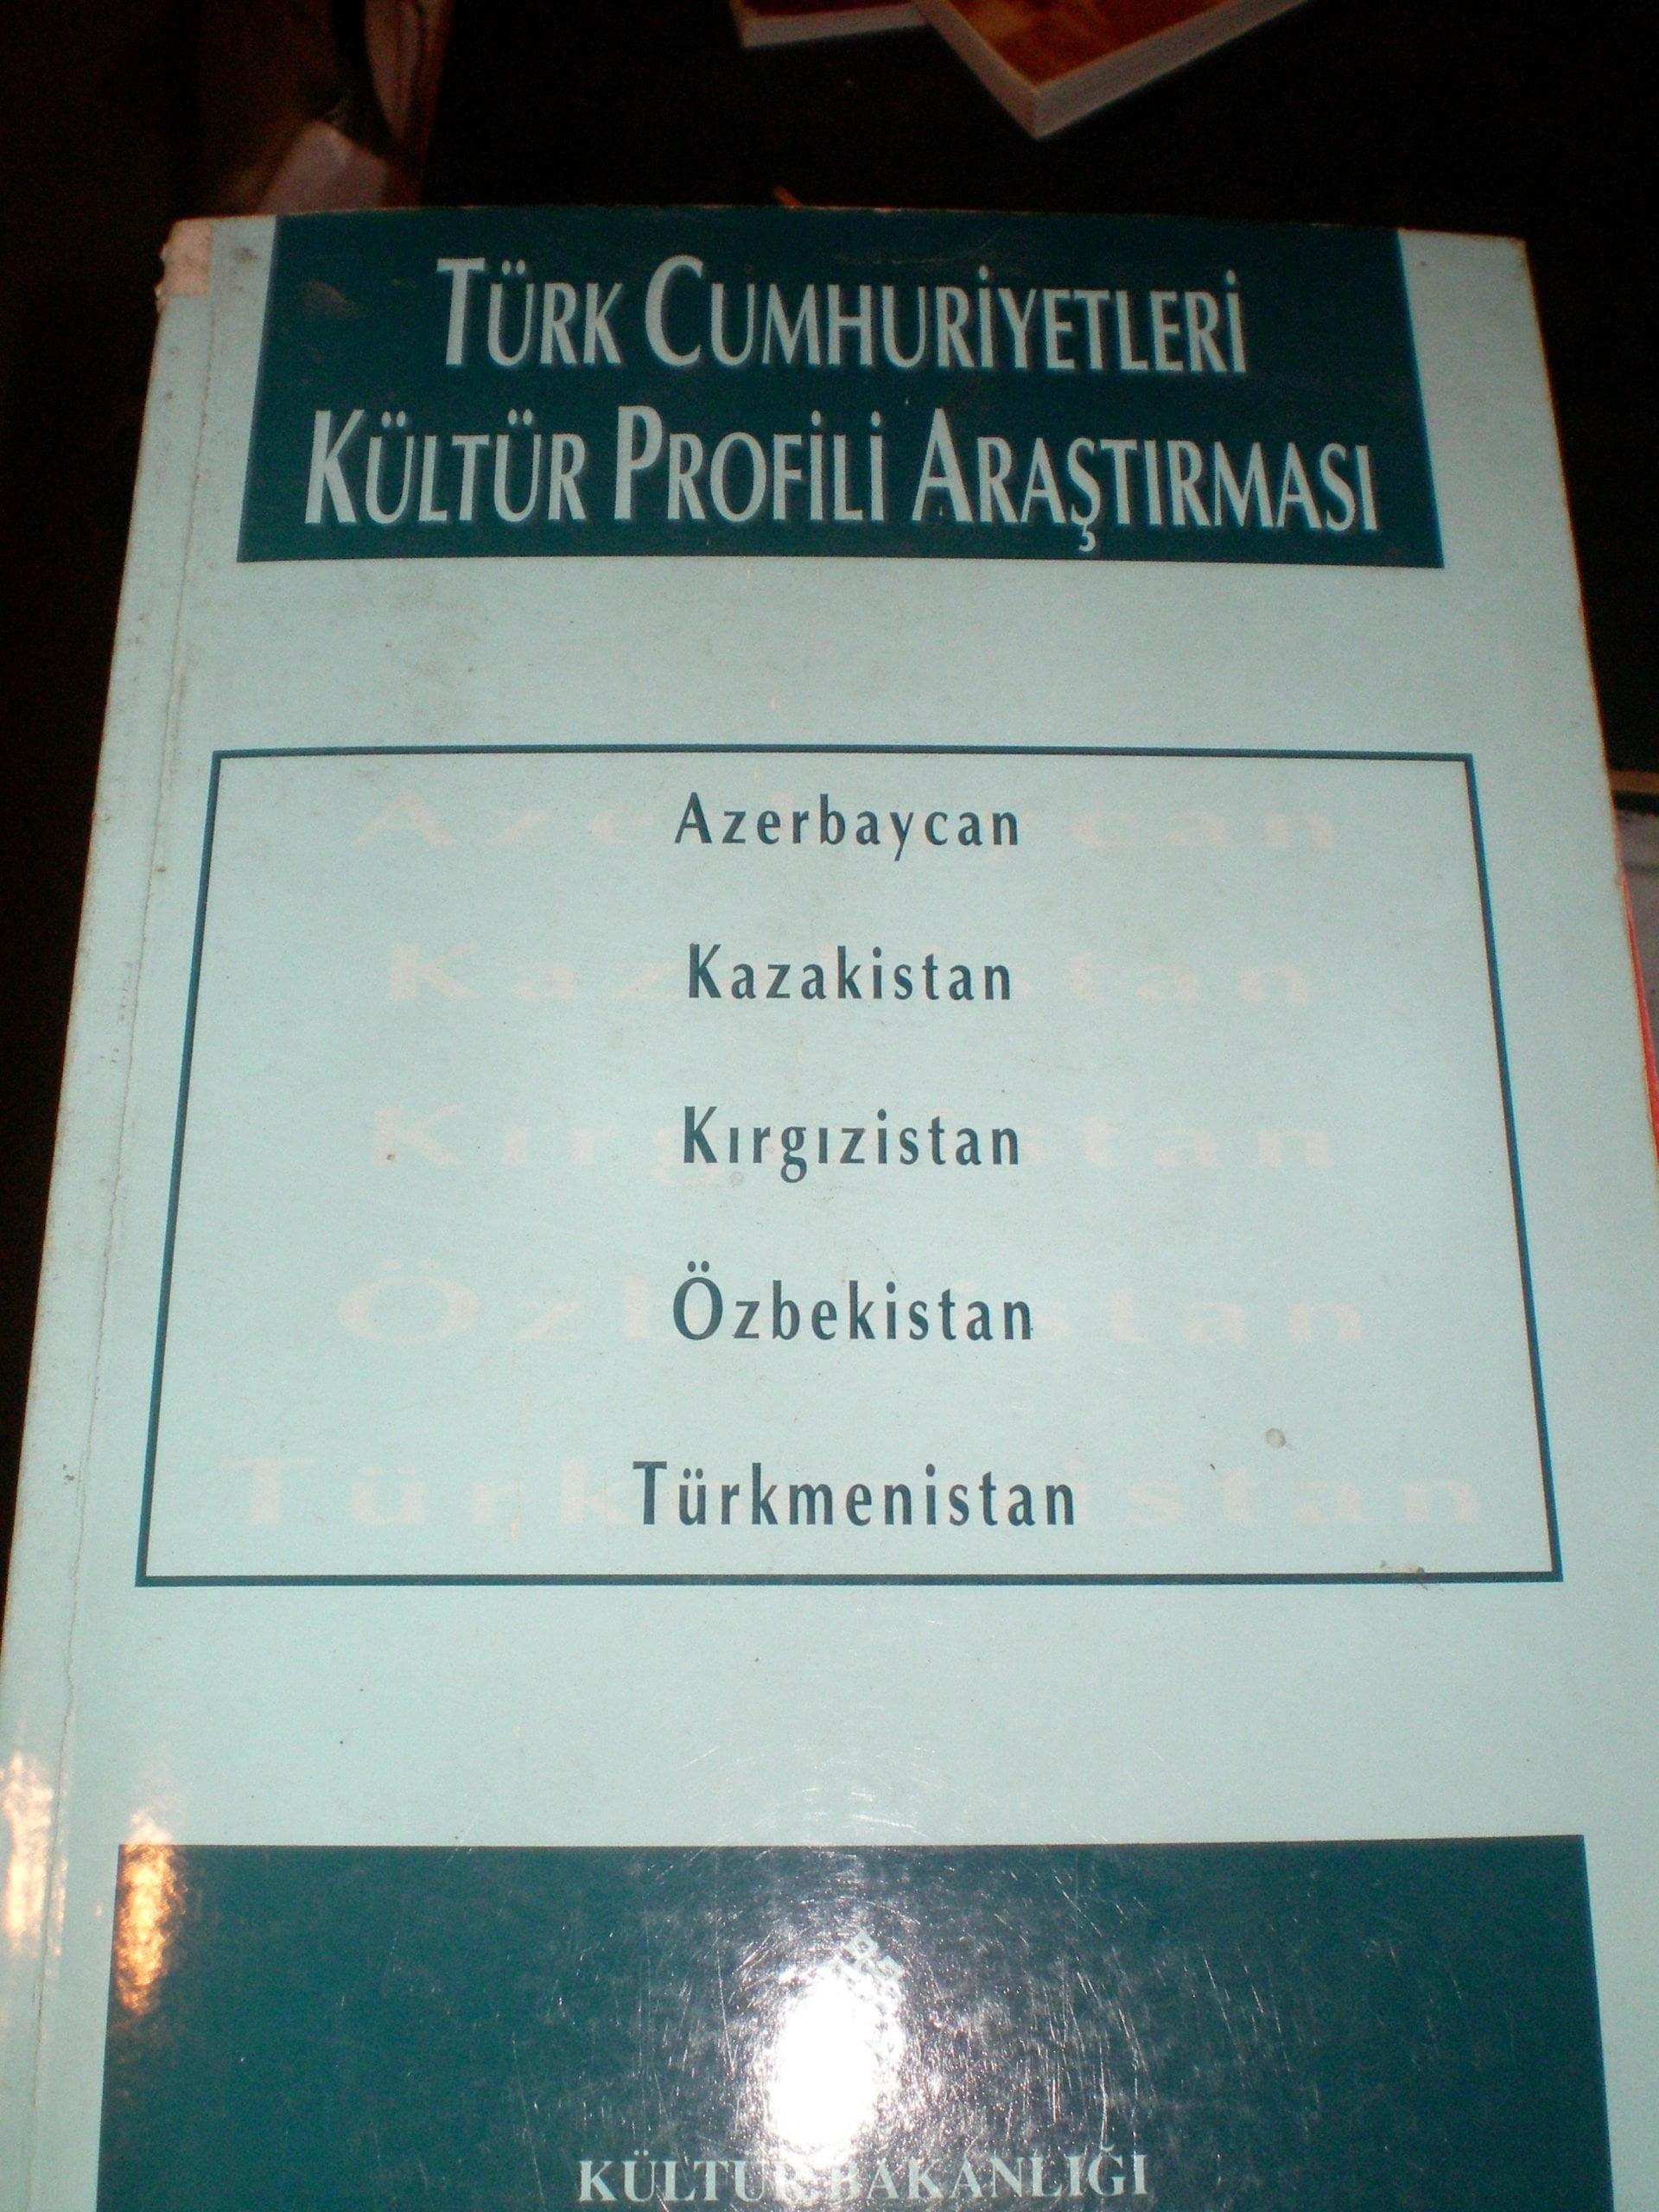 TÜRK CUMHURİYETLERİ KÜLTÜR PROFİLİ ARAŞTIRMASI/ Büşra Ersanlı Behar /15 TL